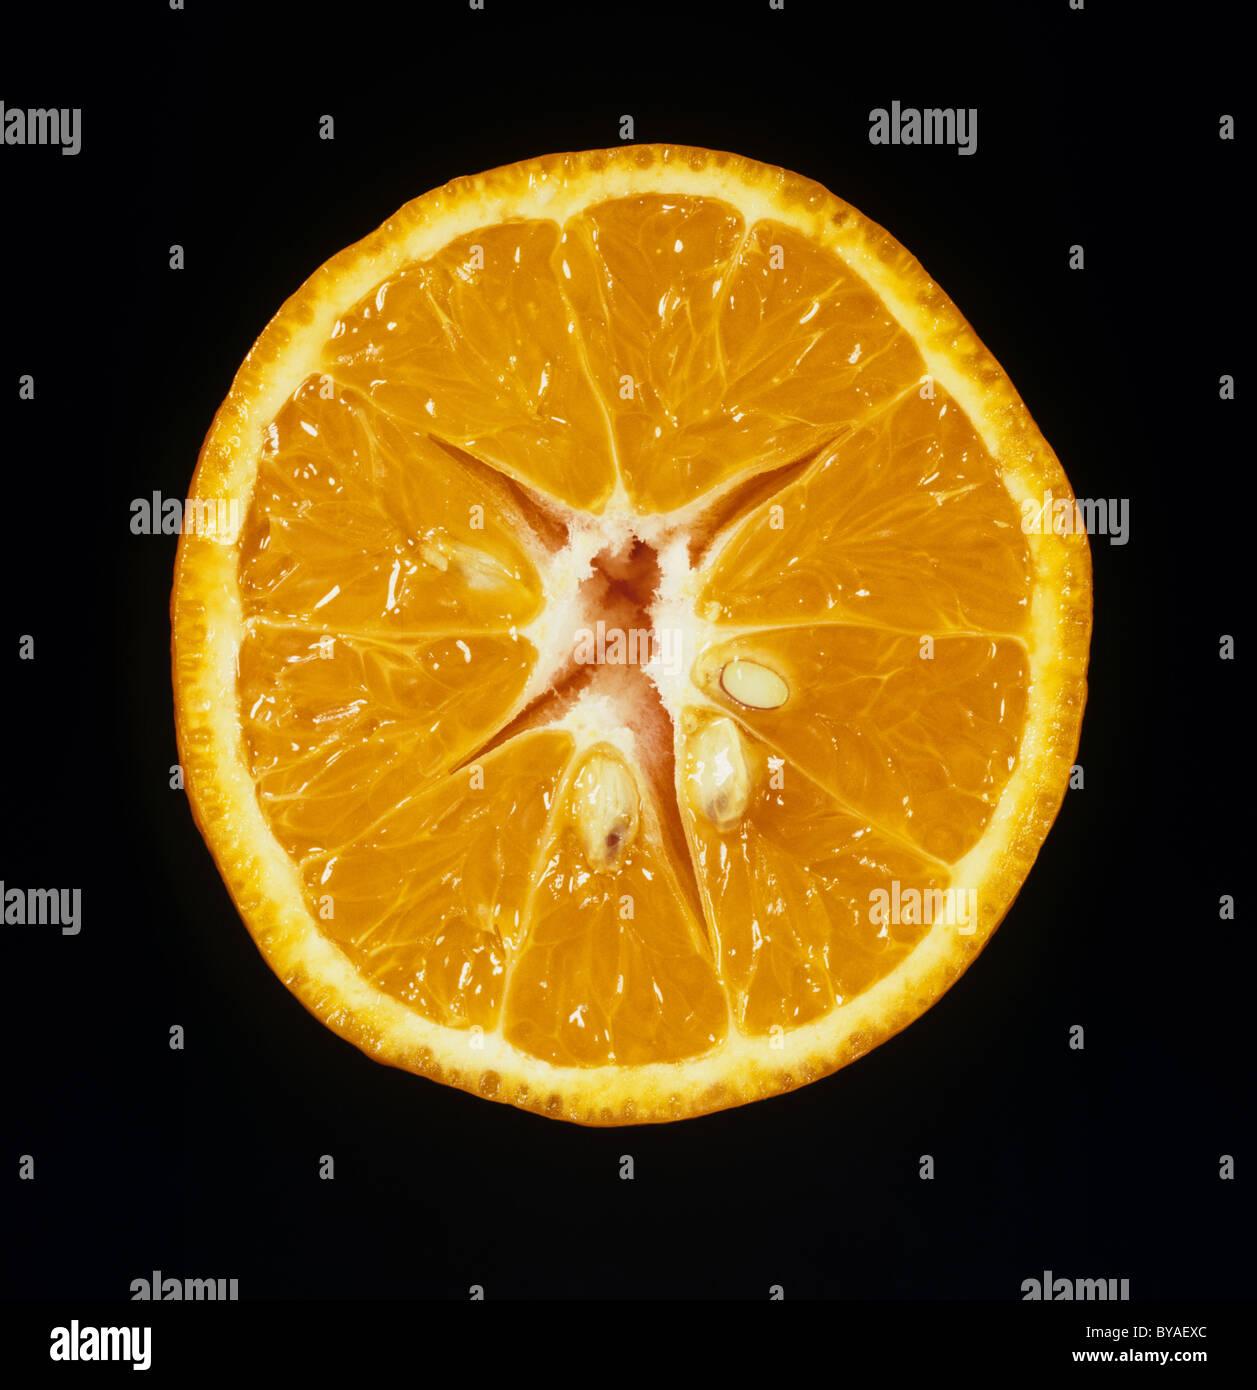 Coupe des fruits clémentine Page divers Photo Stock